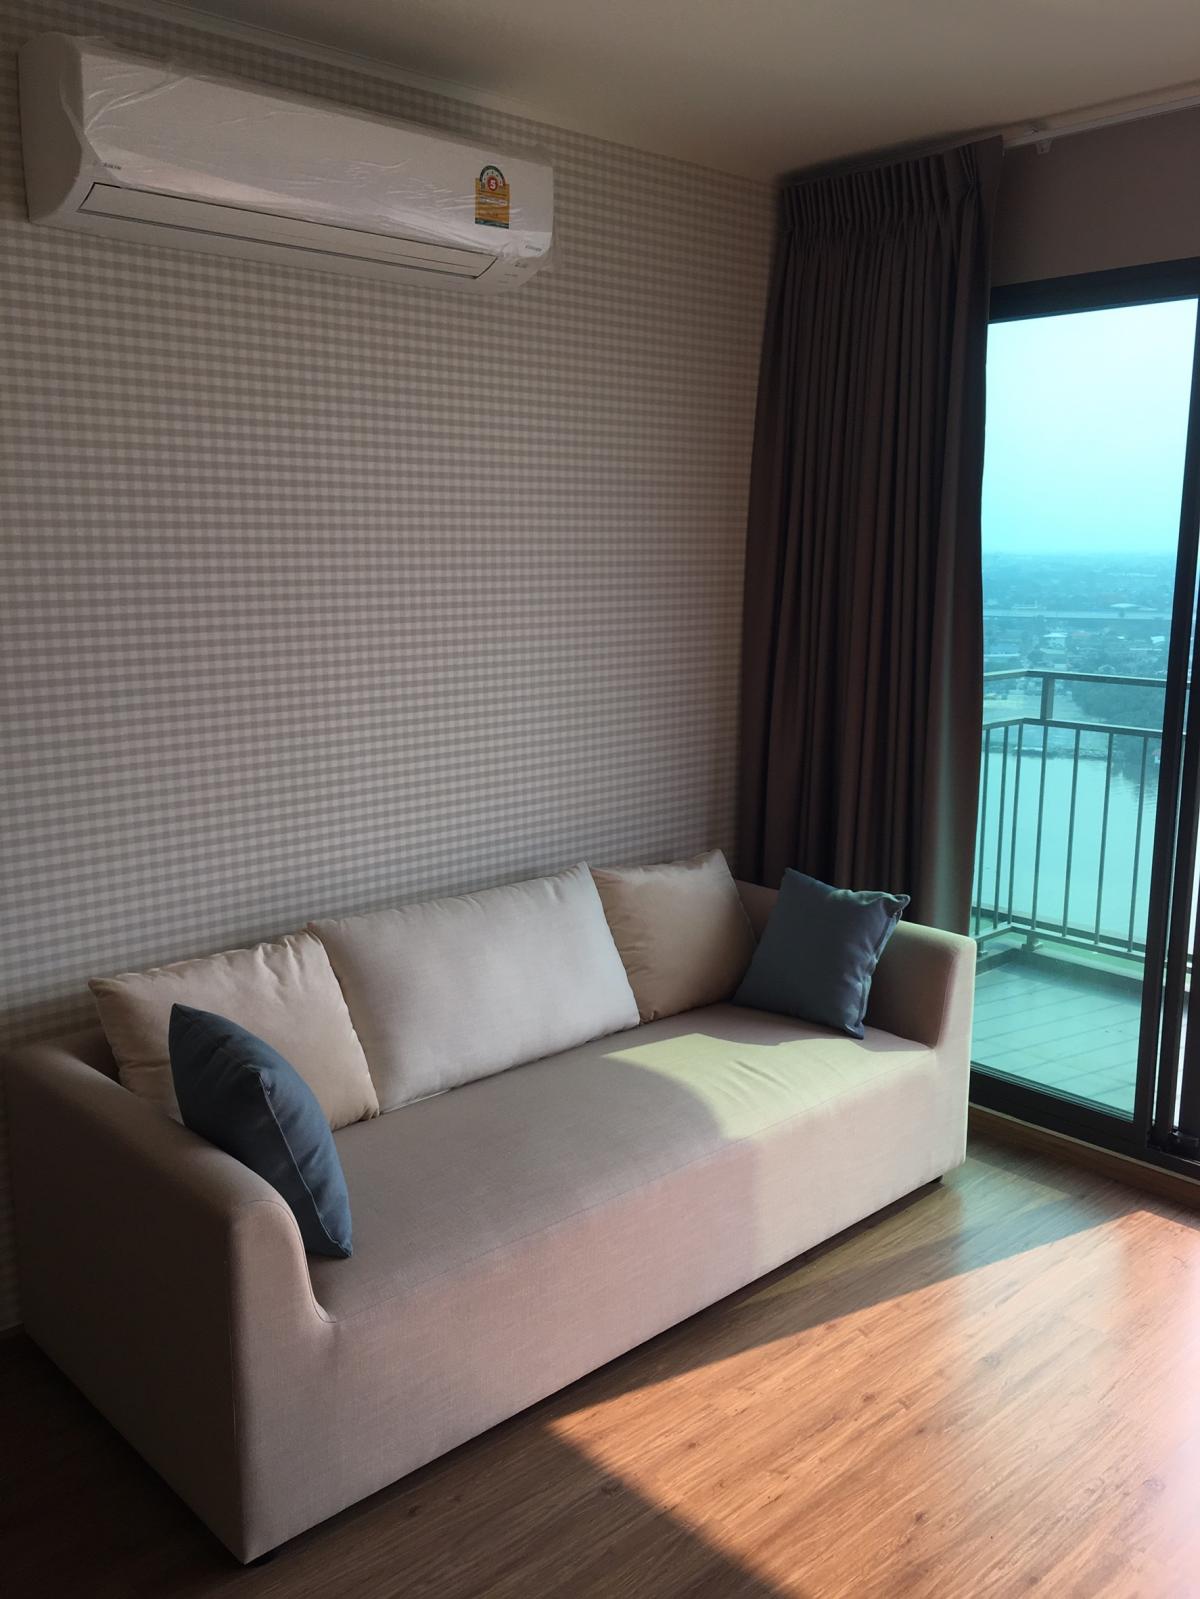 รูปของประกาศเช่าคอนโดU Delight Residence Riverfront Rama 3(2 ห้องนอน)(2)